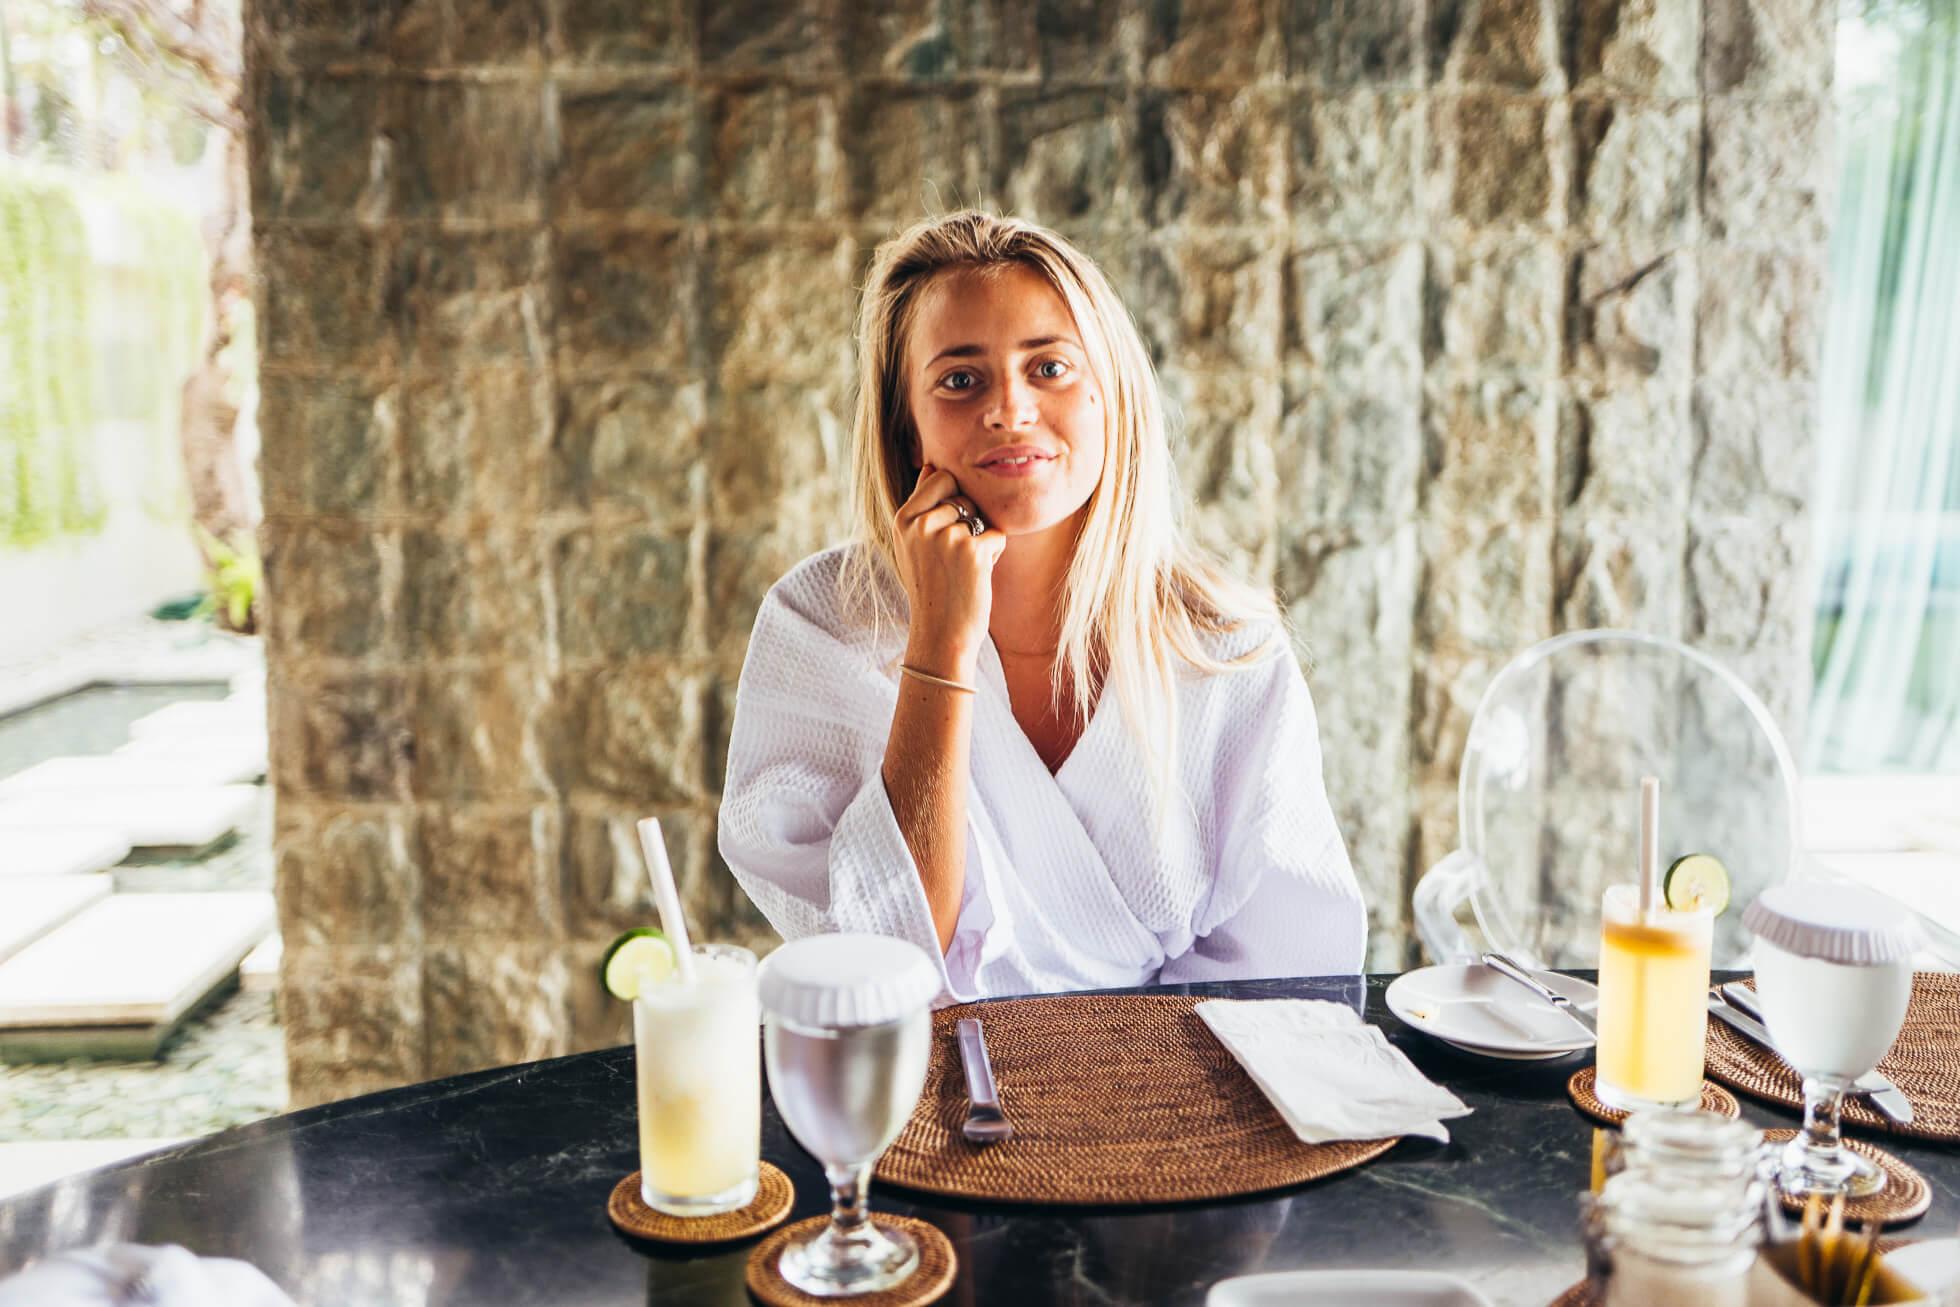 janni-deler-villa-breakfastL1000578